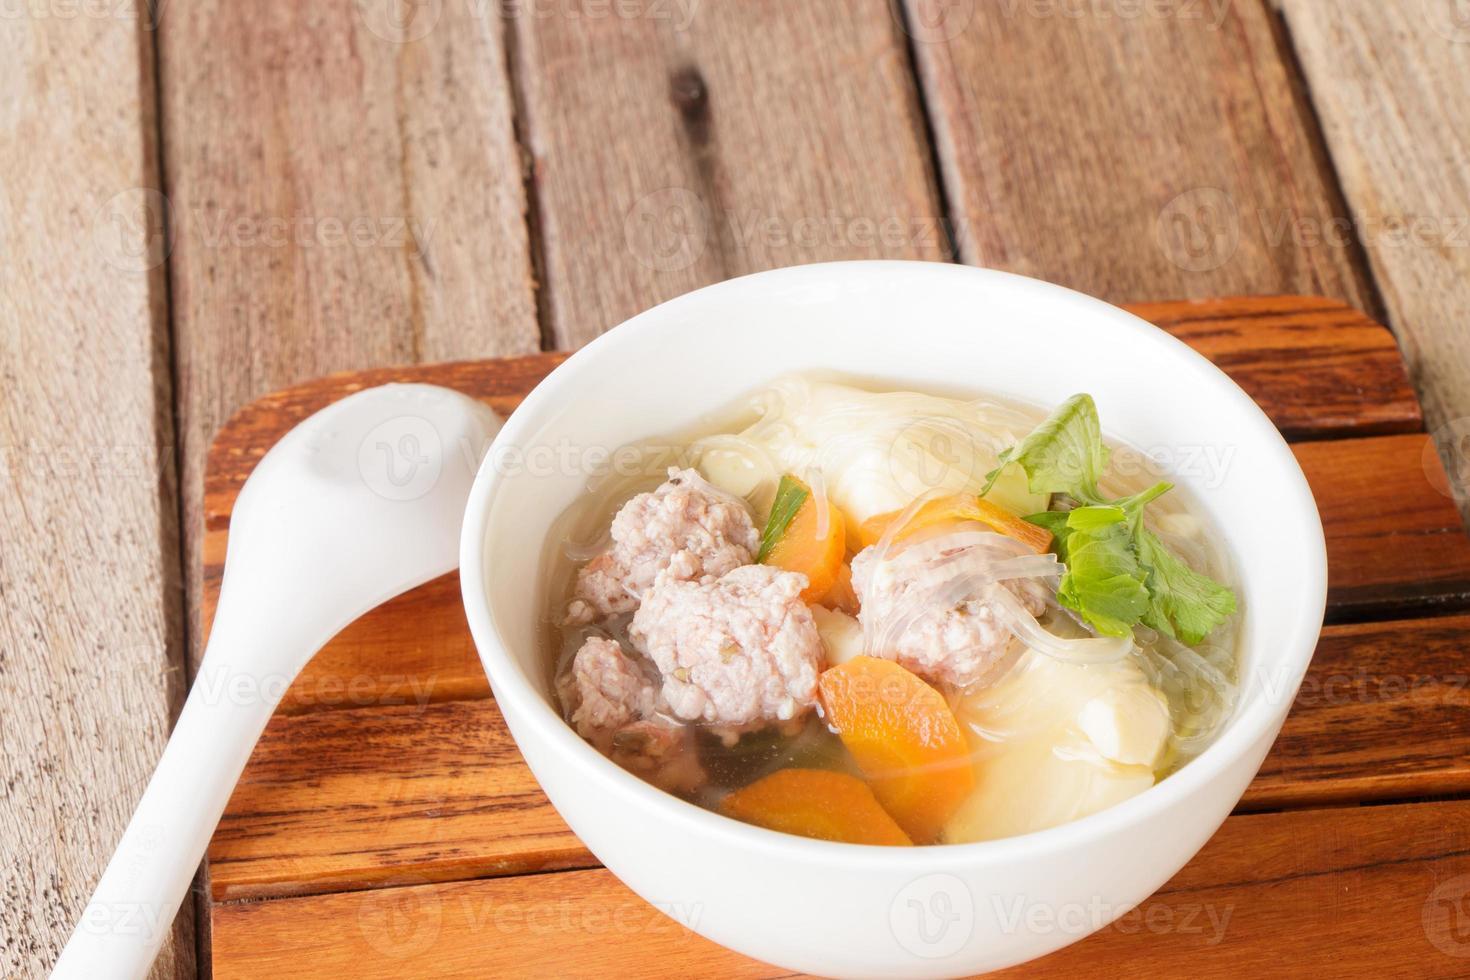 soupe claire au porc en plaque blanche photo